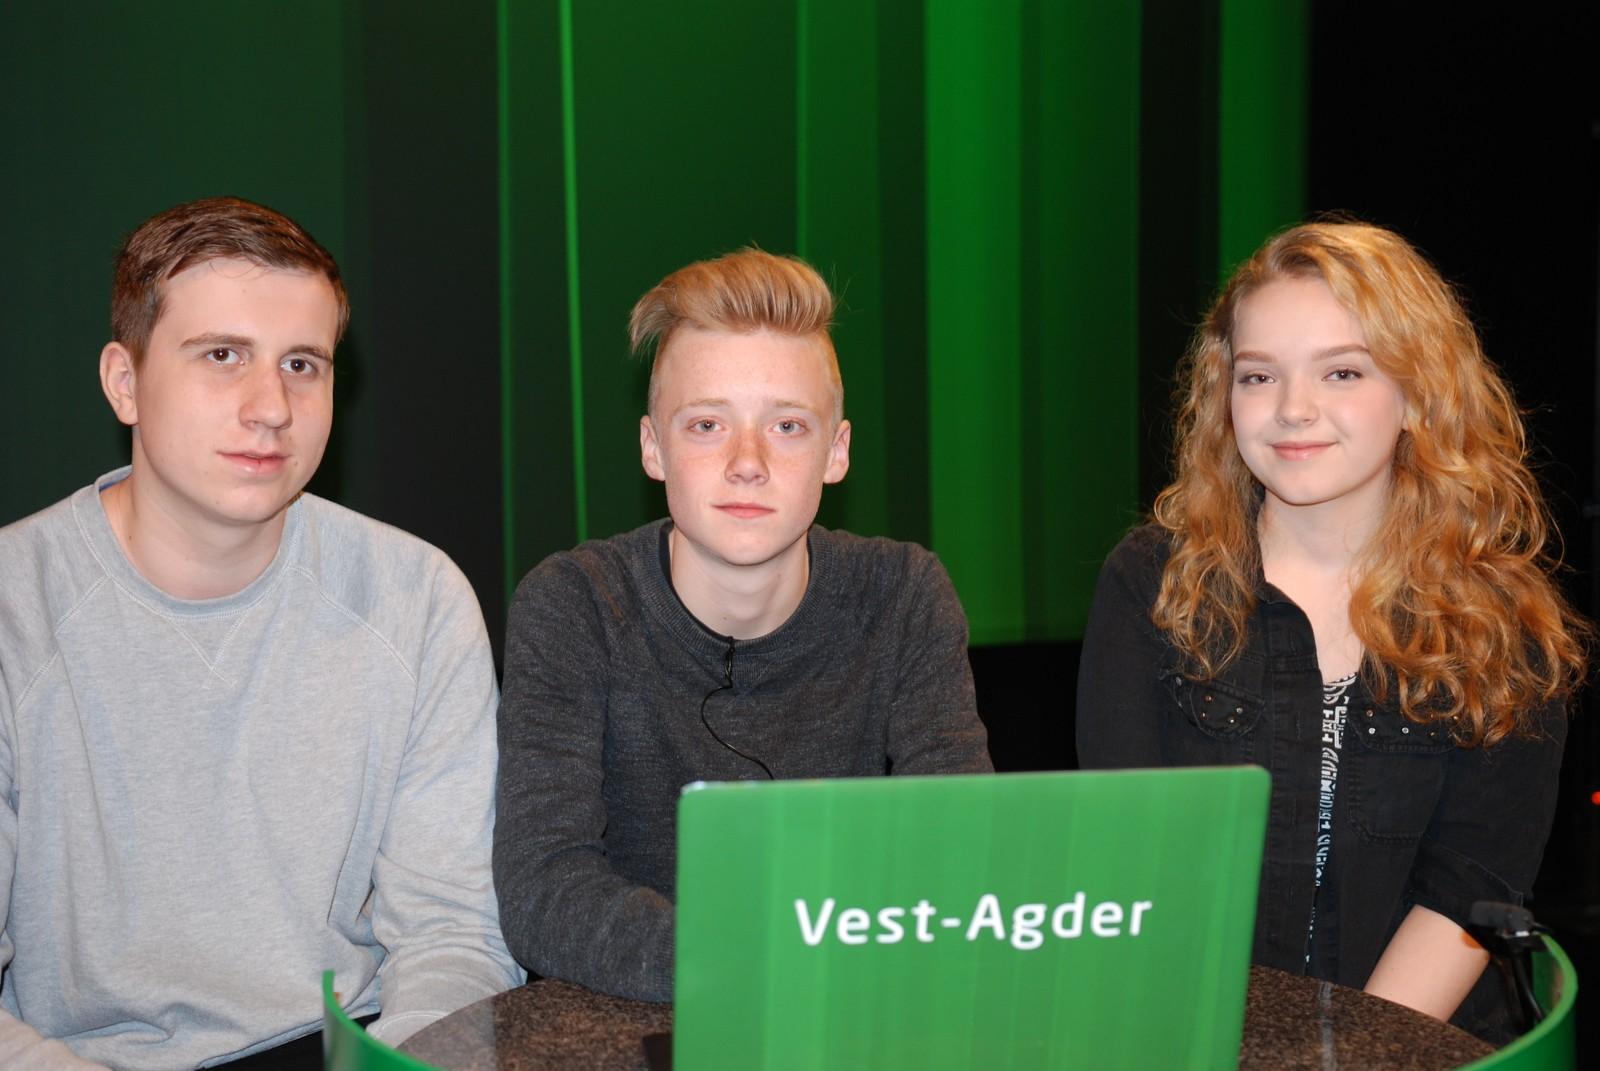 VEST-AGDER: Haumyrheia ungdomsskole i Kristiansand representert ved Olaf Rosendahl, Magnus Ramsdalen og Leah Hansen.